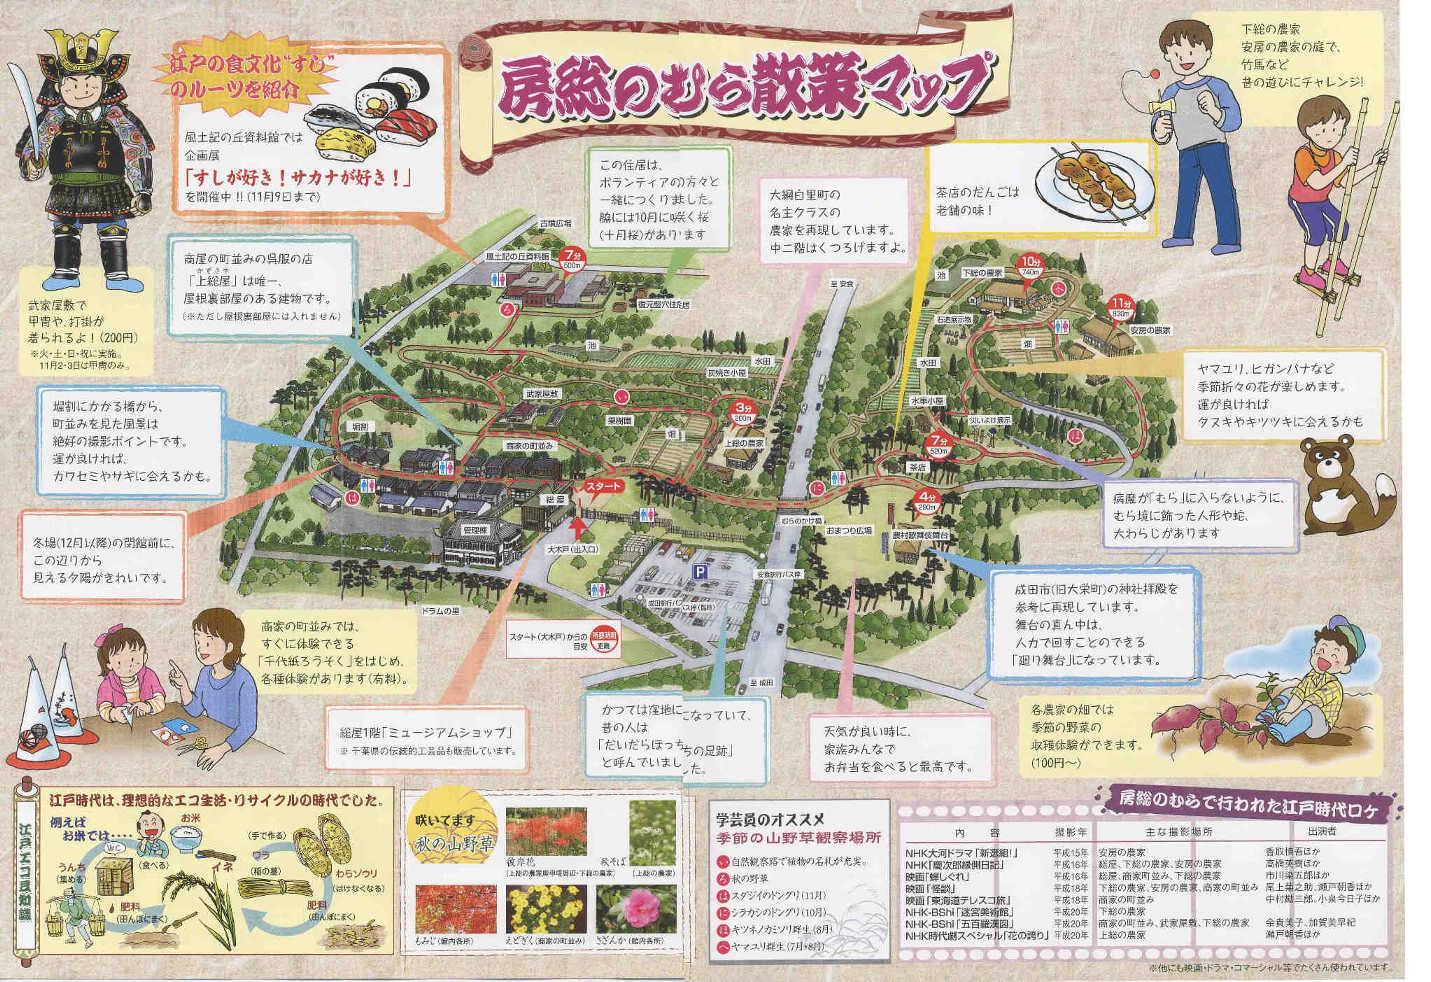 【速報】 『房総のむら』秋祭り情報_f0193752_195031.jpg